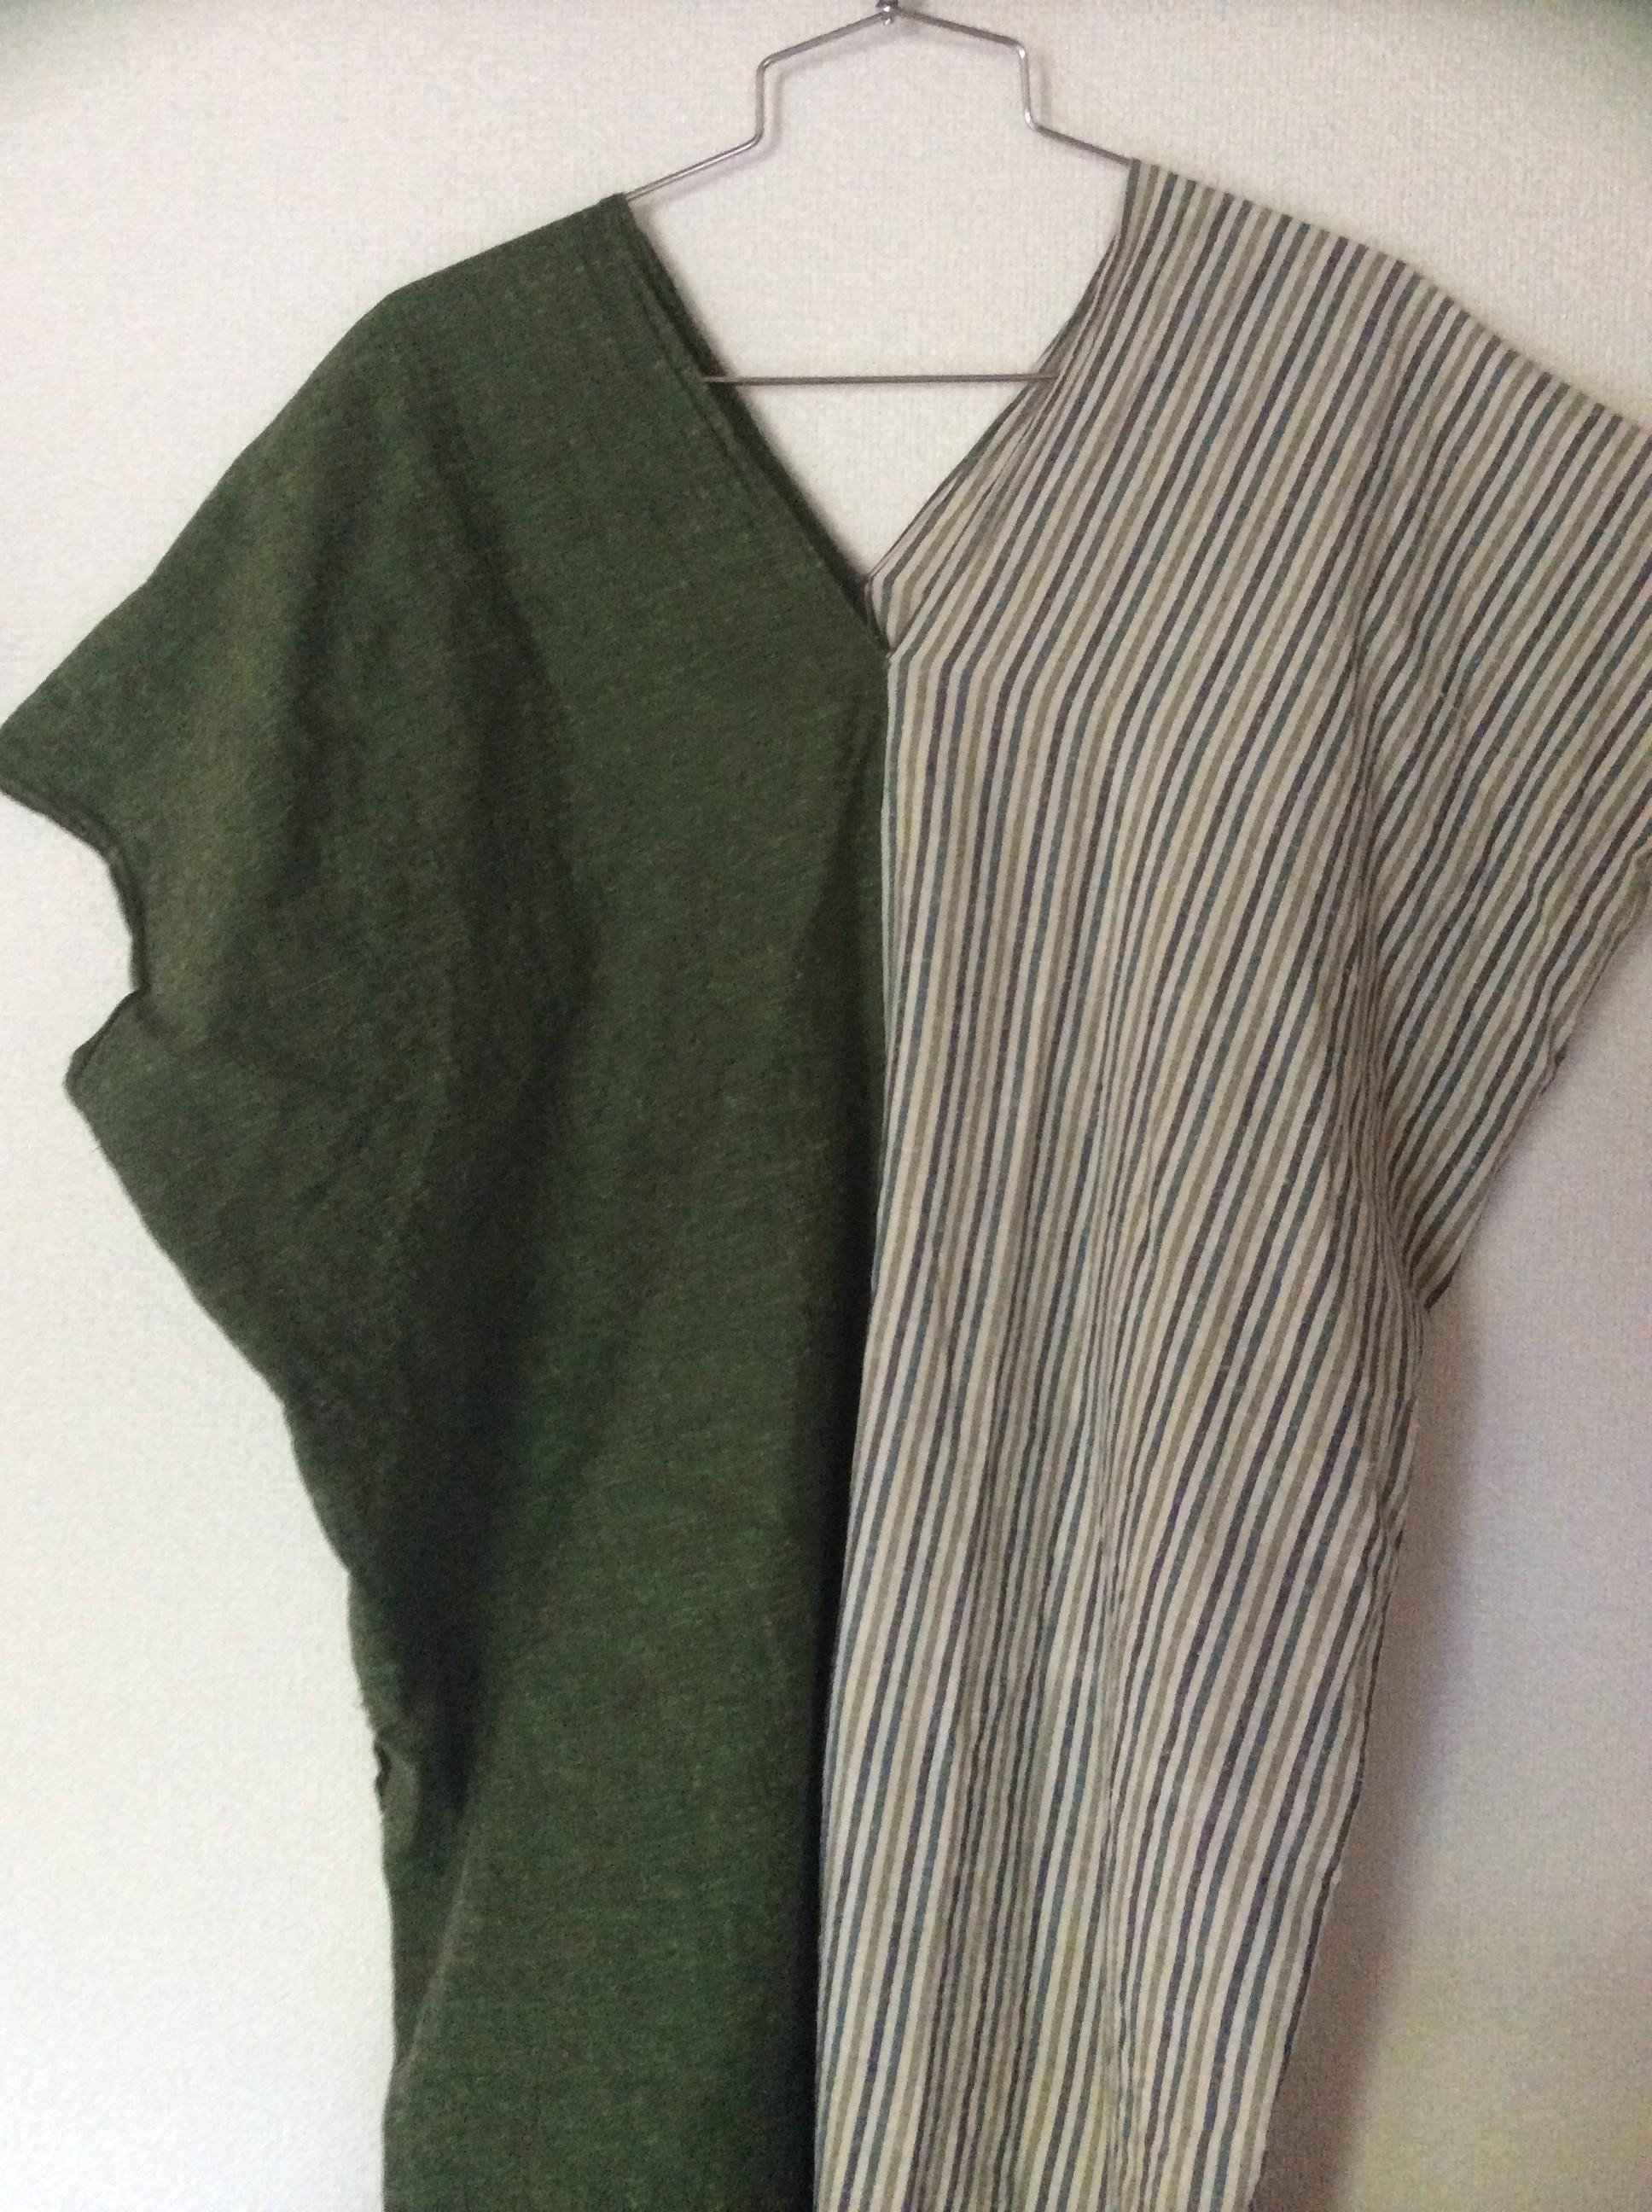 遠州綿紬の片身替り。240cm×2枚。身長156cmで膝下までの長さ。